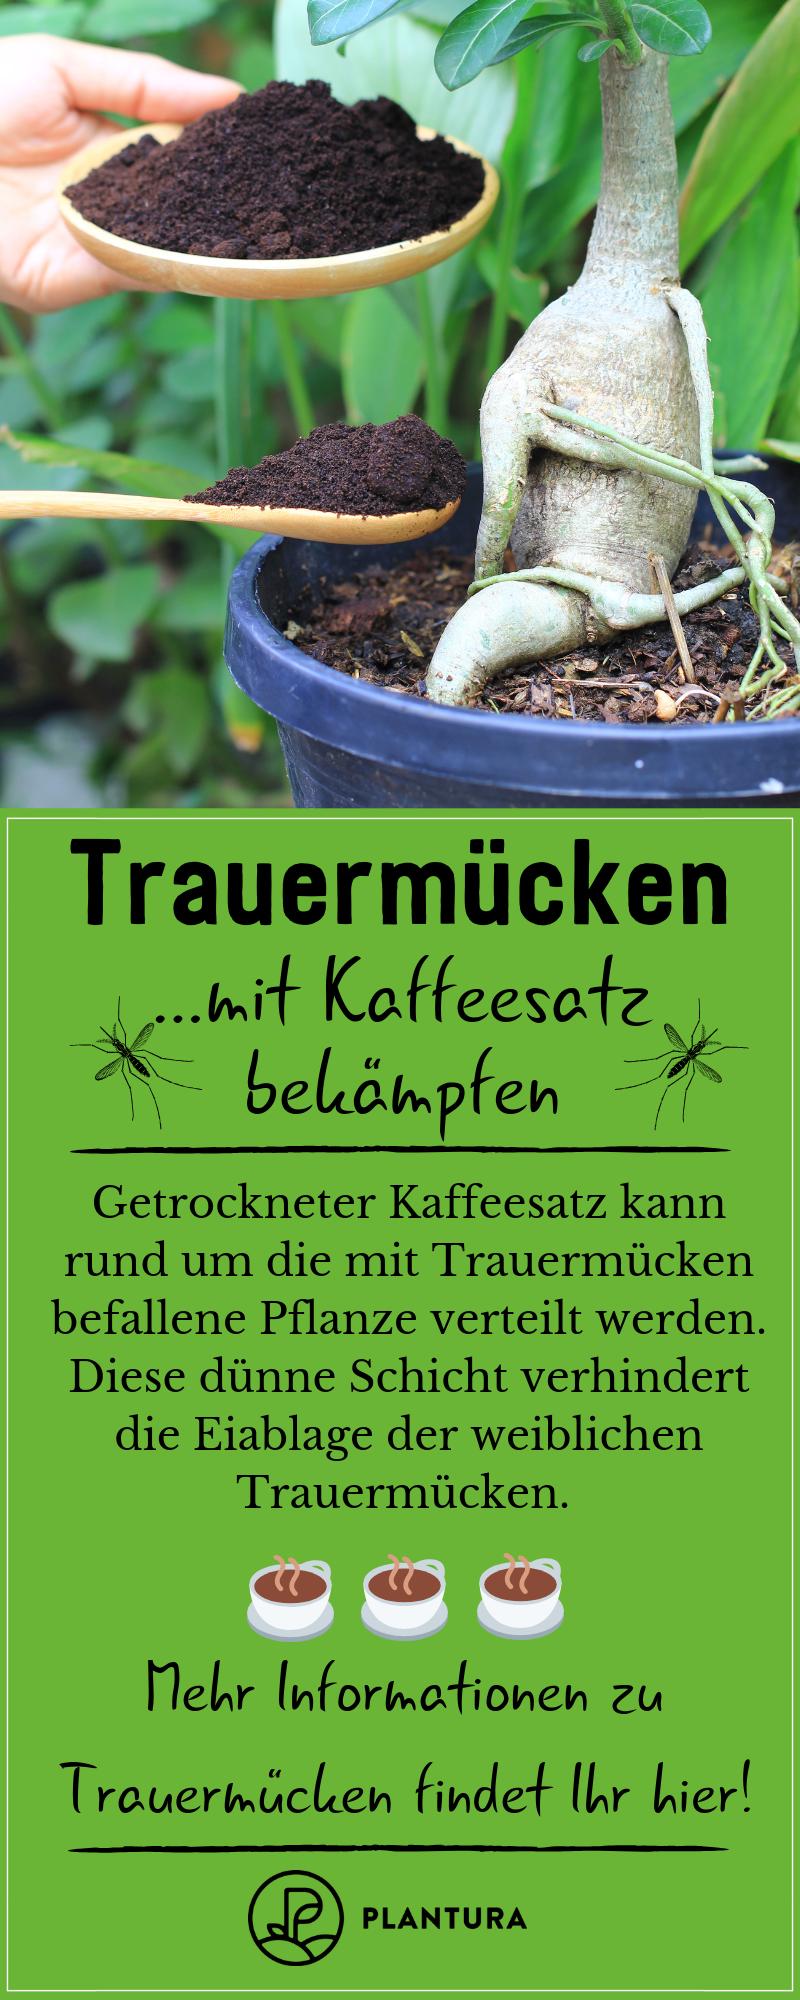 Trauermucken Mit Hausmitteln Bekampfen Plantura Trauermucken Hausmittel Schadlinge Im Garten